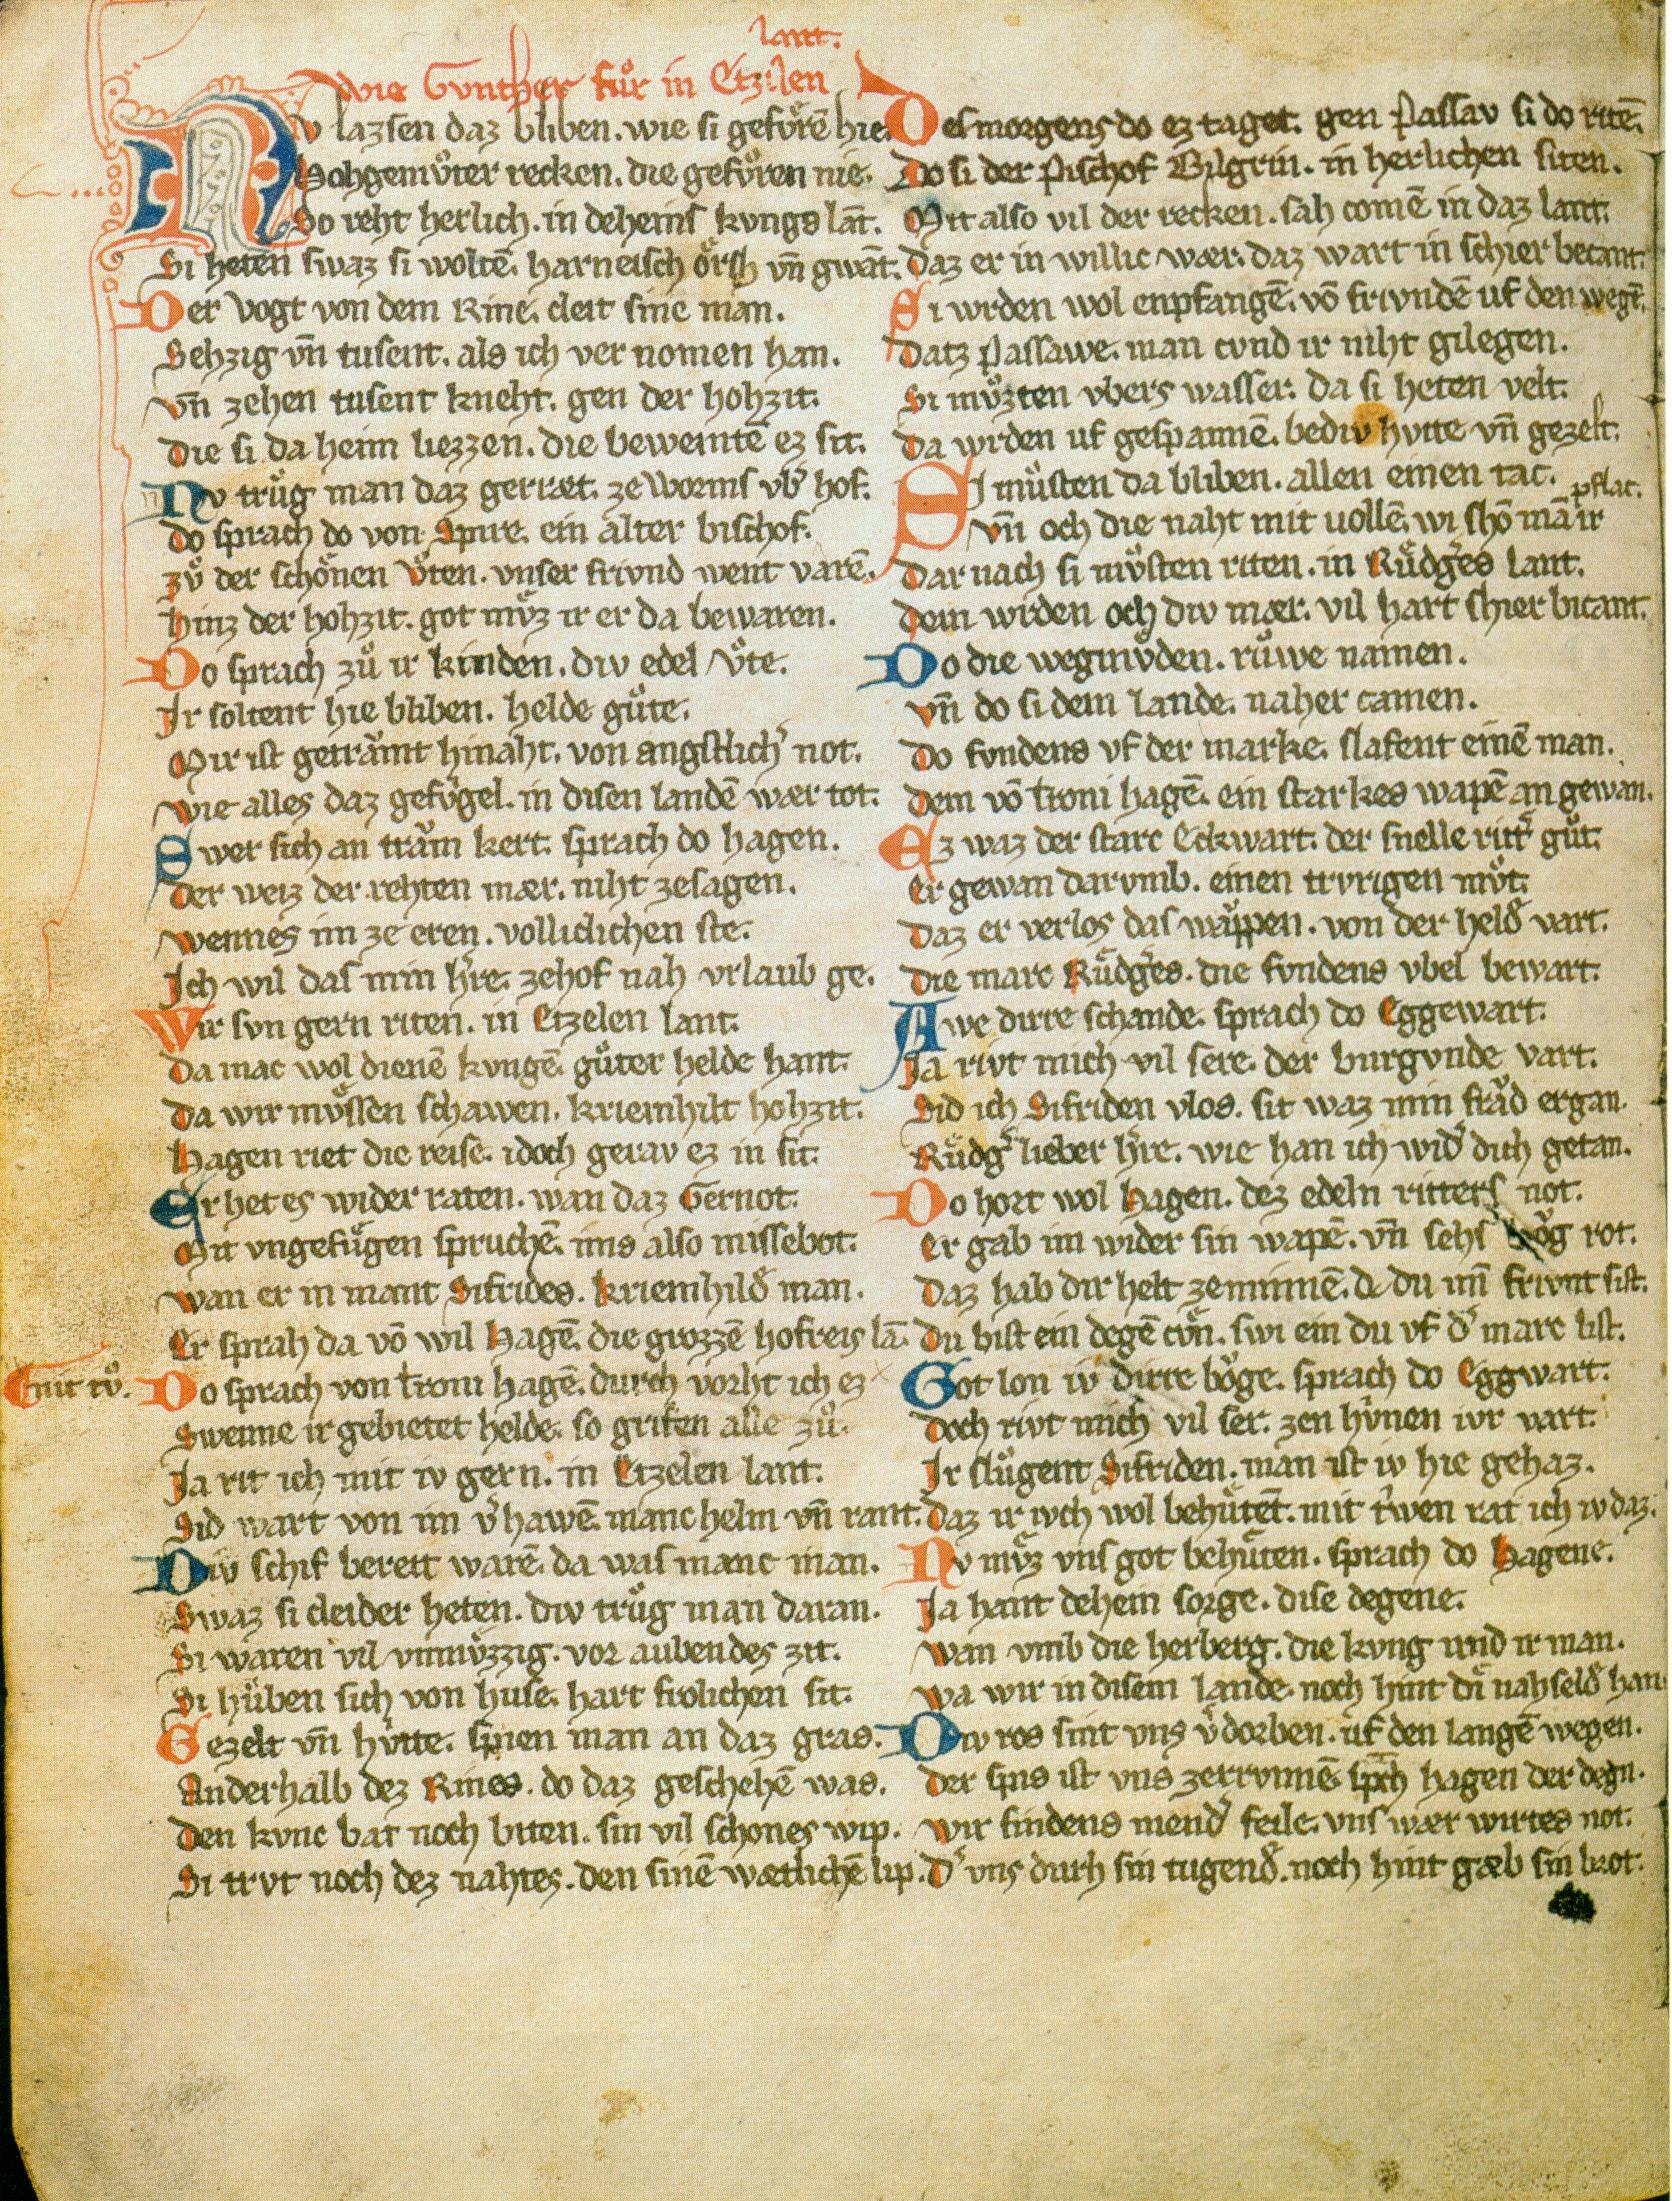 """Blatt Nr. 38v der Handschrift I – """"Wie Gunther fur in Etzilen lant."""" Die auf dieser Seite wiedergegebenen Strophen beschrieben den von Warnungen begleiteten Aufbruch der Burgunden ins Hunnenland."""